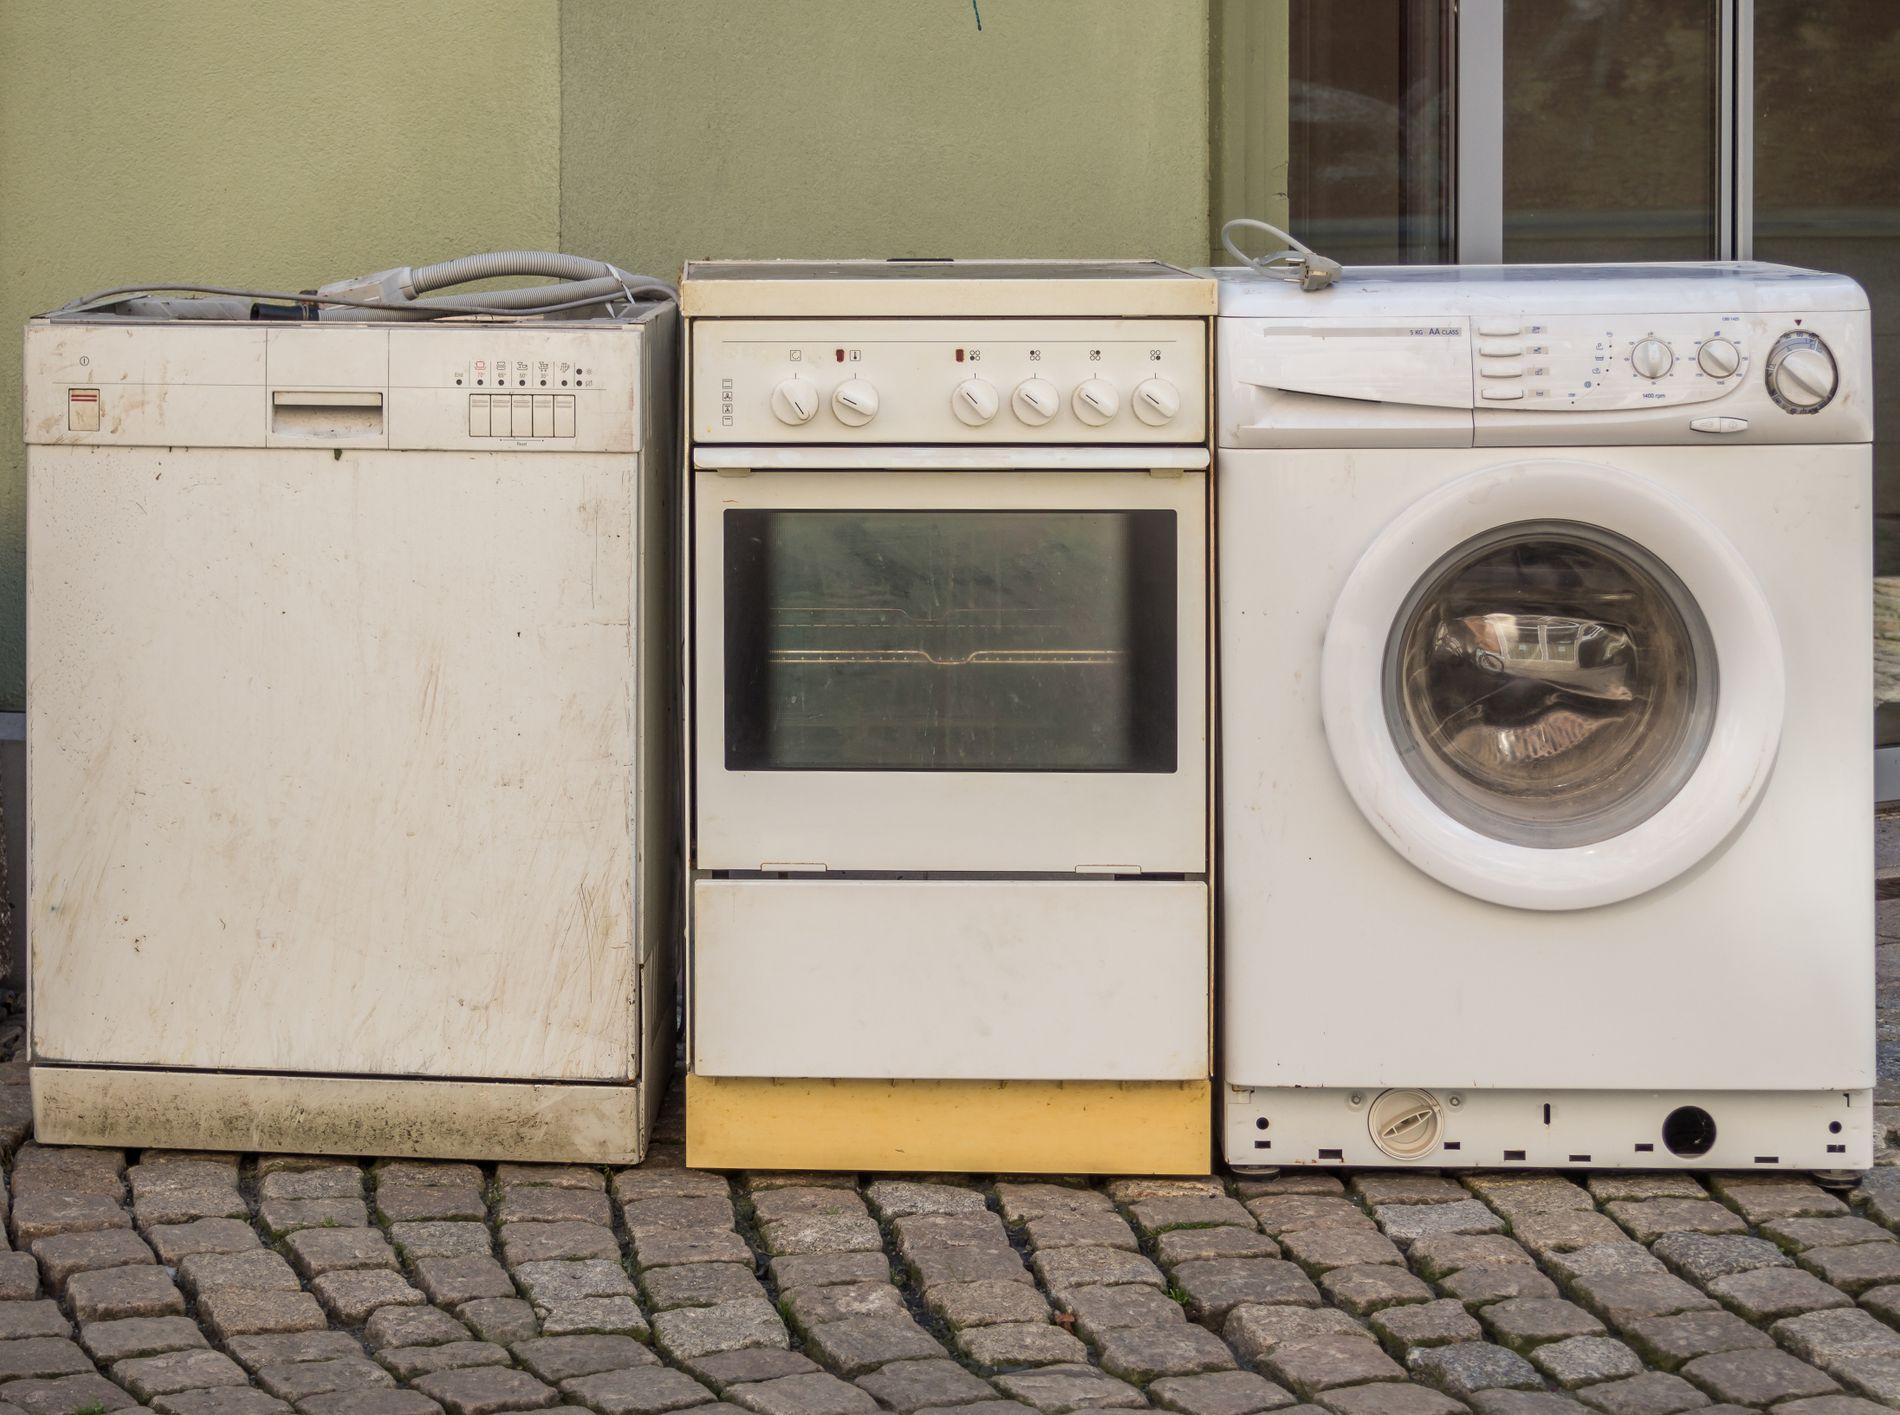 Dominert av knapper og brytere for noen tiår siden. Vaskemaskiner har riktignok fremdeles brytere, men også knapper med lyd.